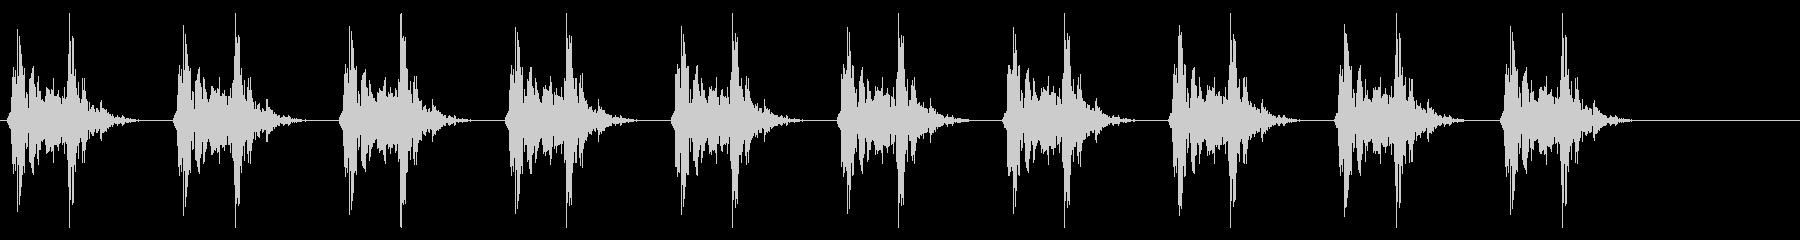 心音、心臓の鼓動_2-2の未再生の波形